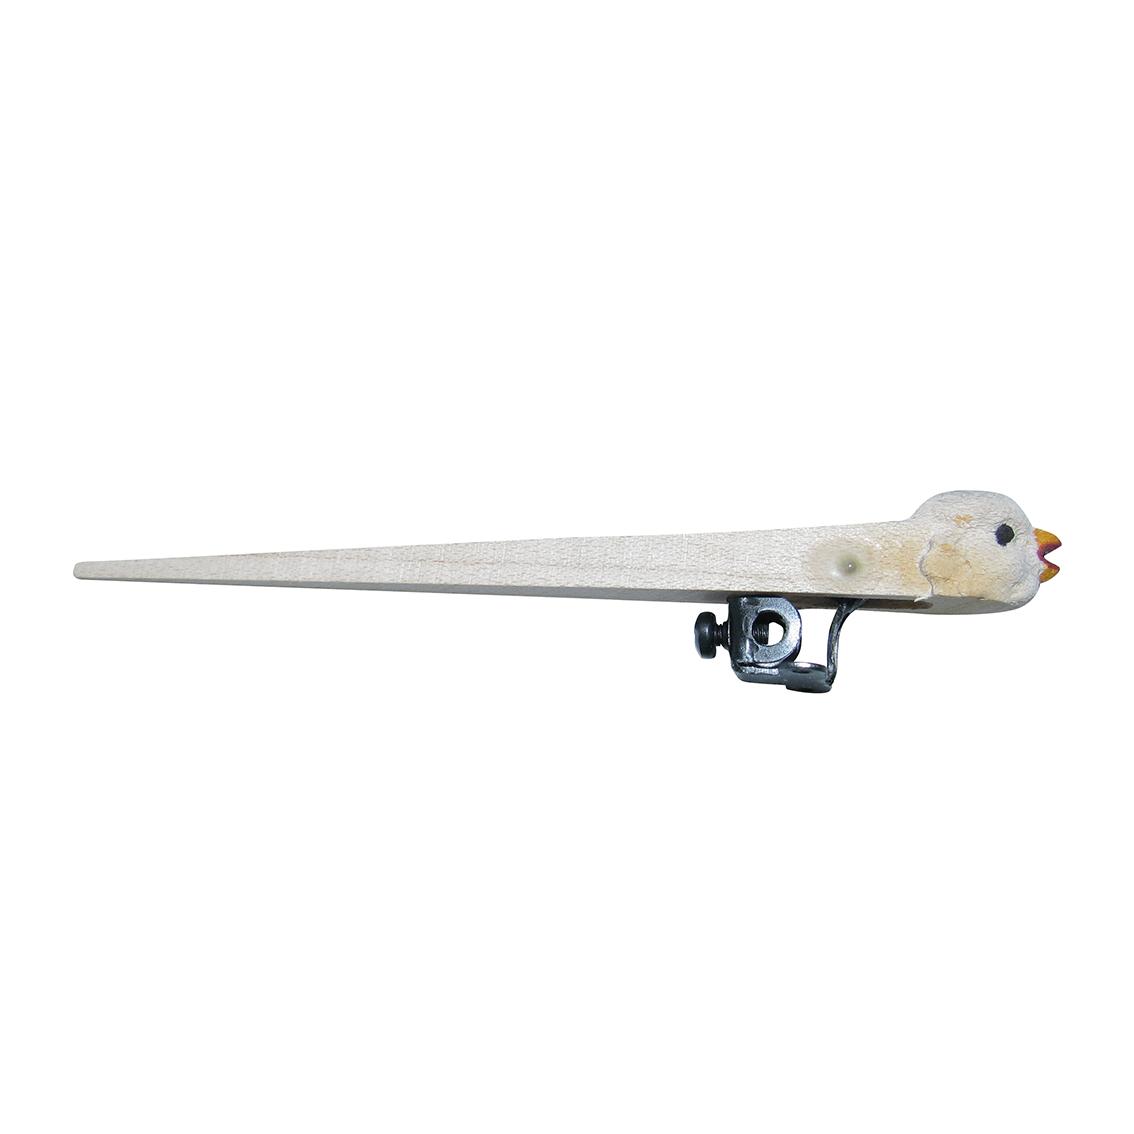 Kuckucksvogel mit starren Flügeln 95mm